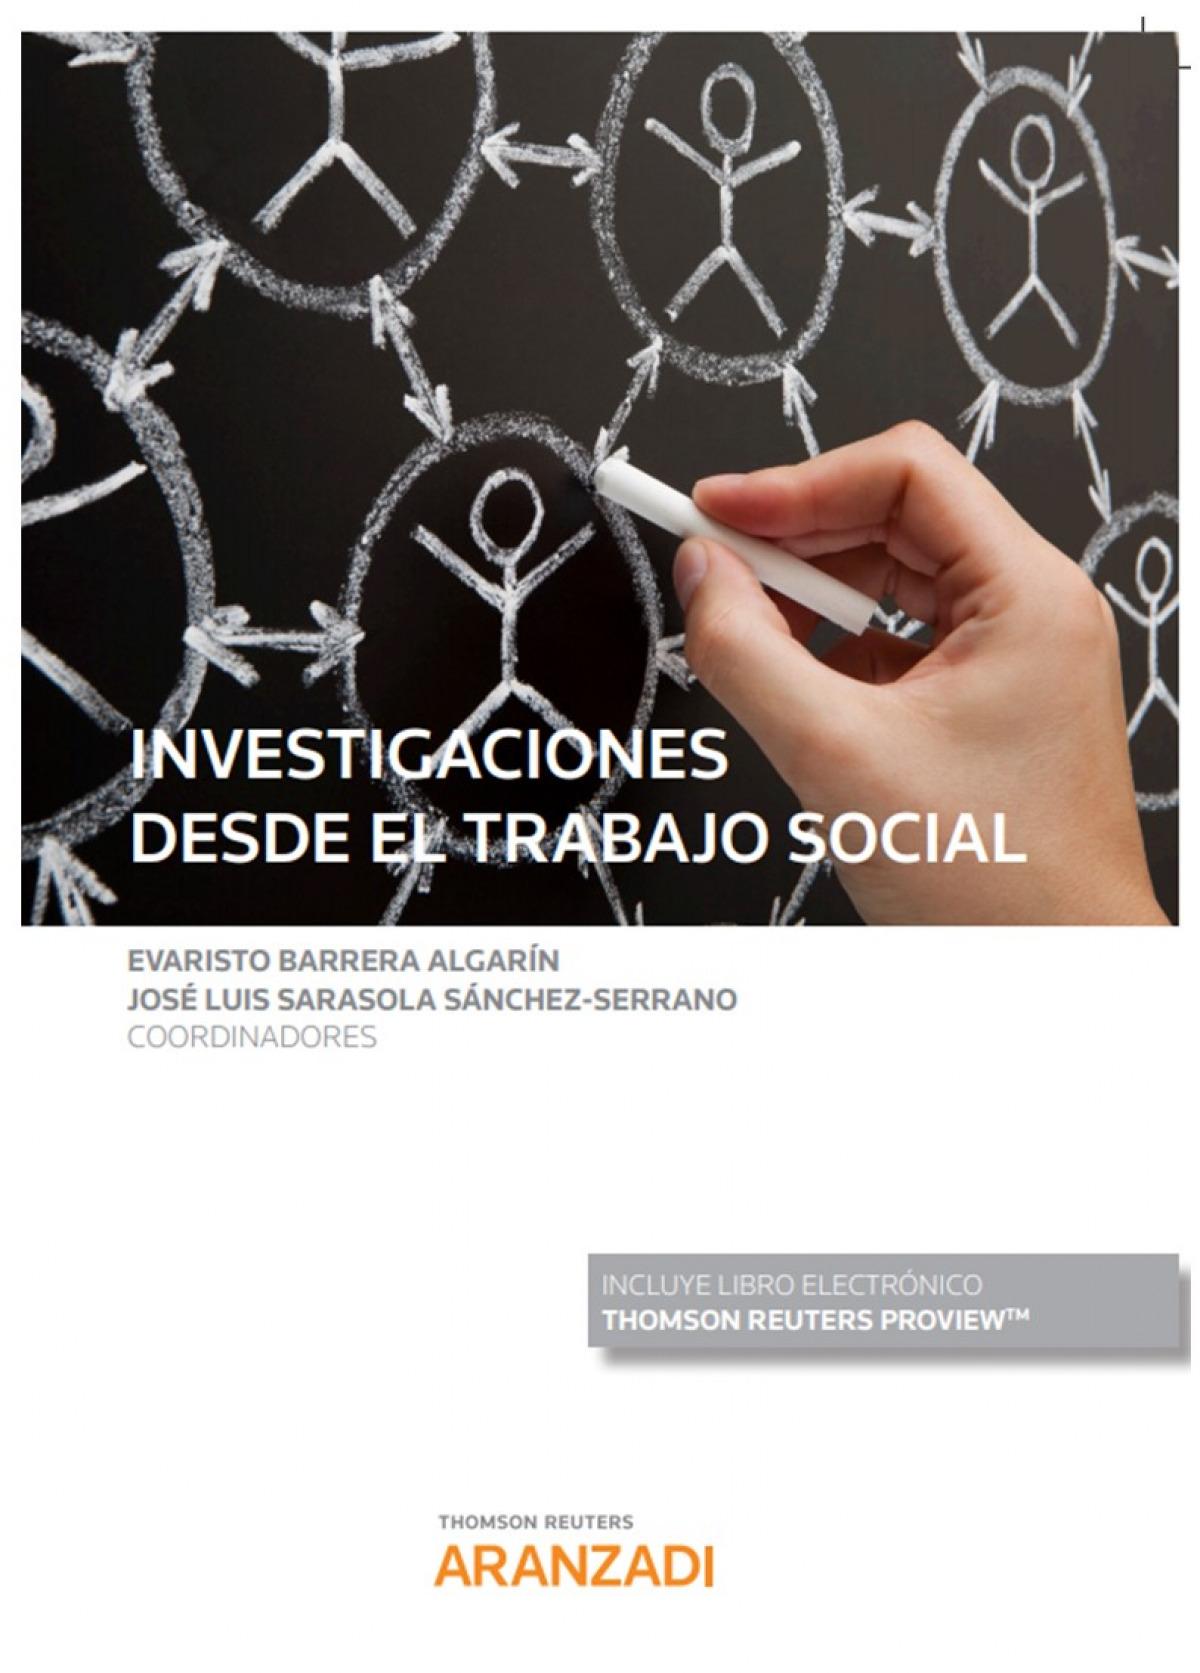 INVESTIGACIONES DESDE EL TRABAJO SOCIAL DUO